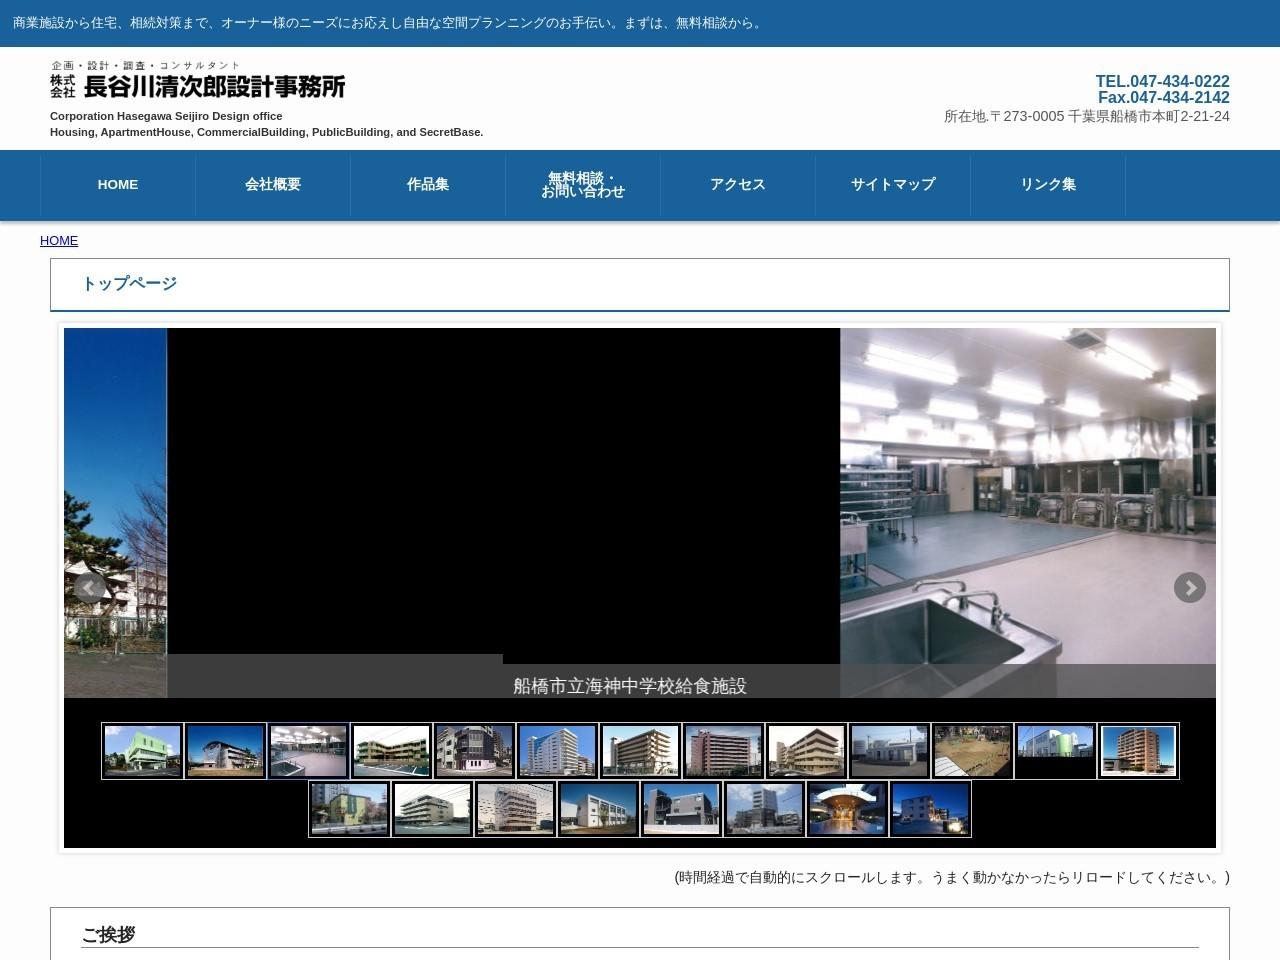 株式会社長谷川清次郎設計事務所